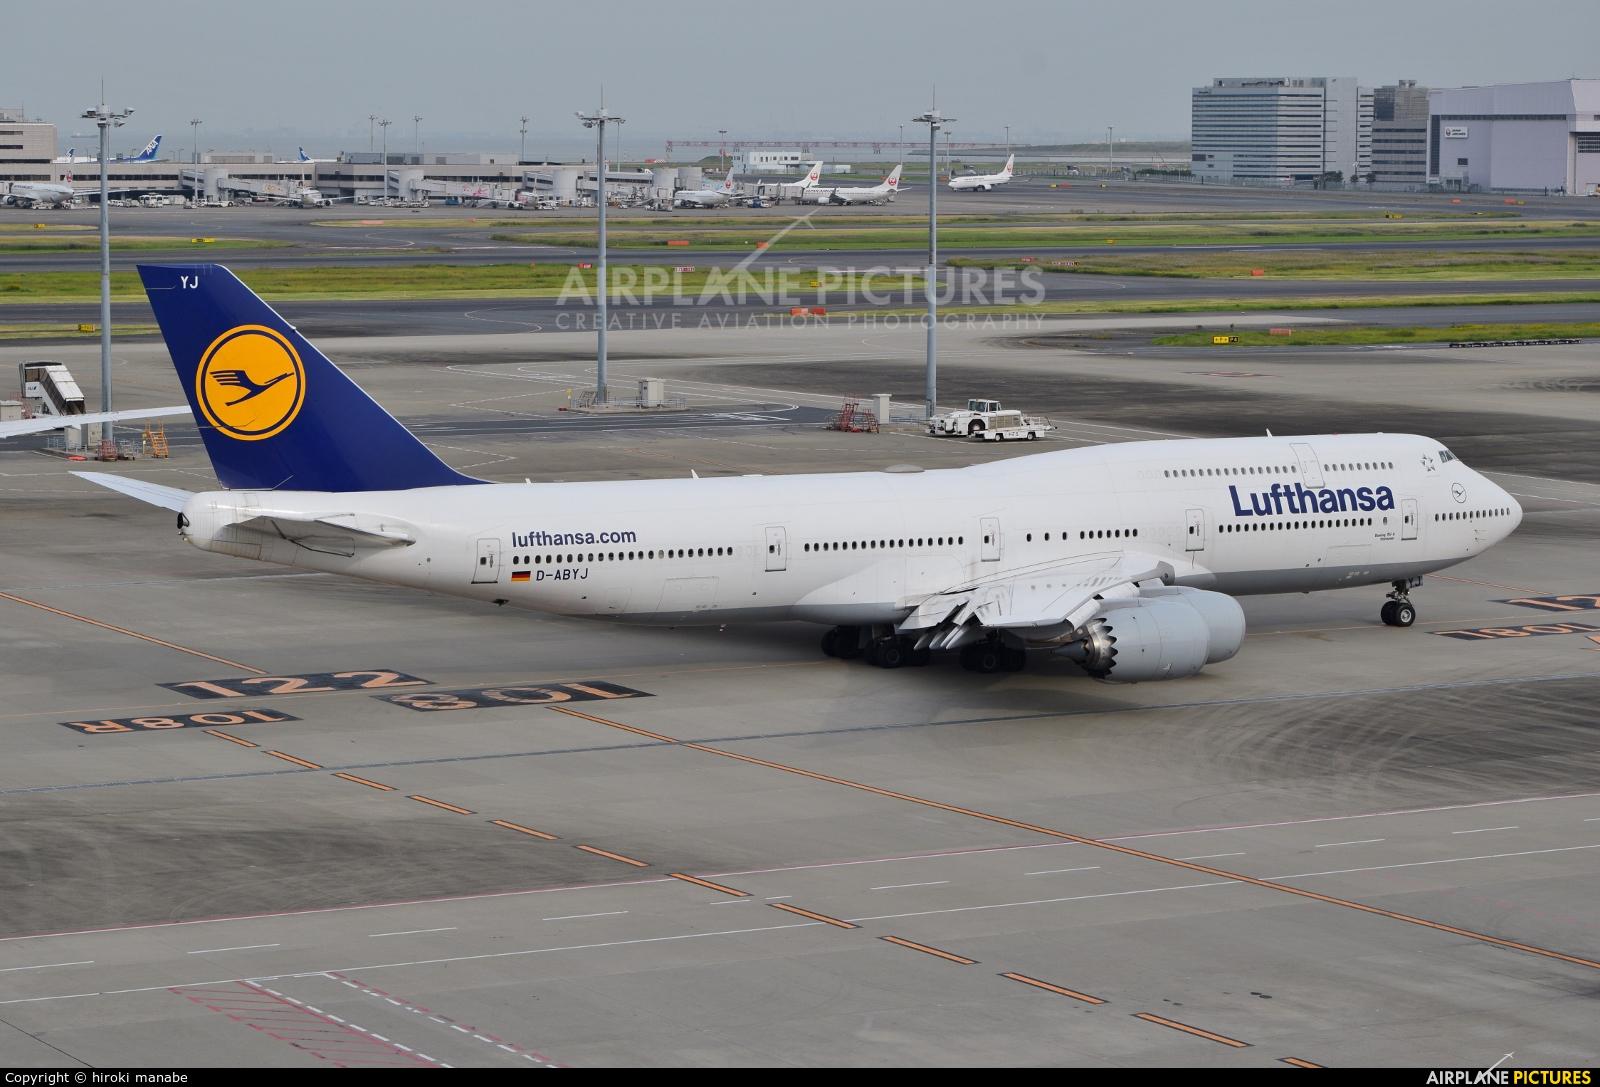 Lufthansa D-ABYJ aircraft at Tokyo - Haneda Intl